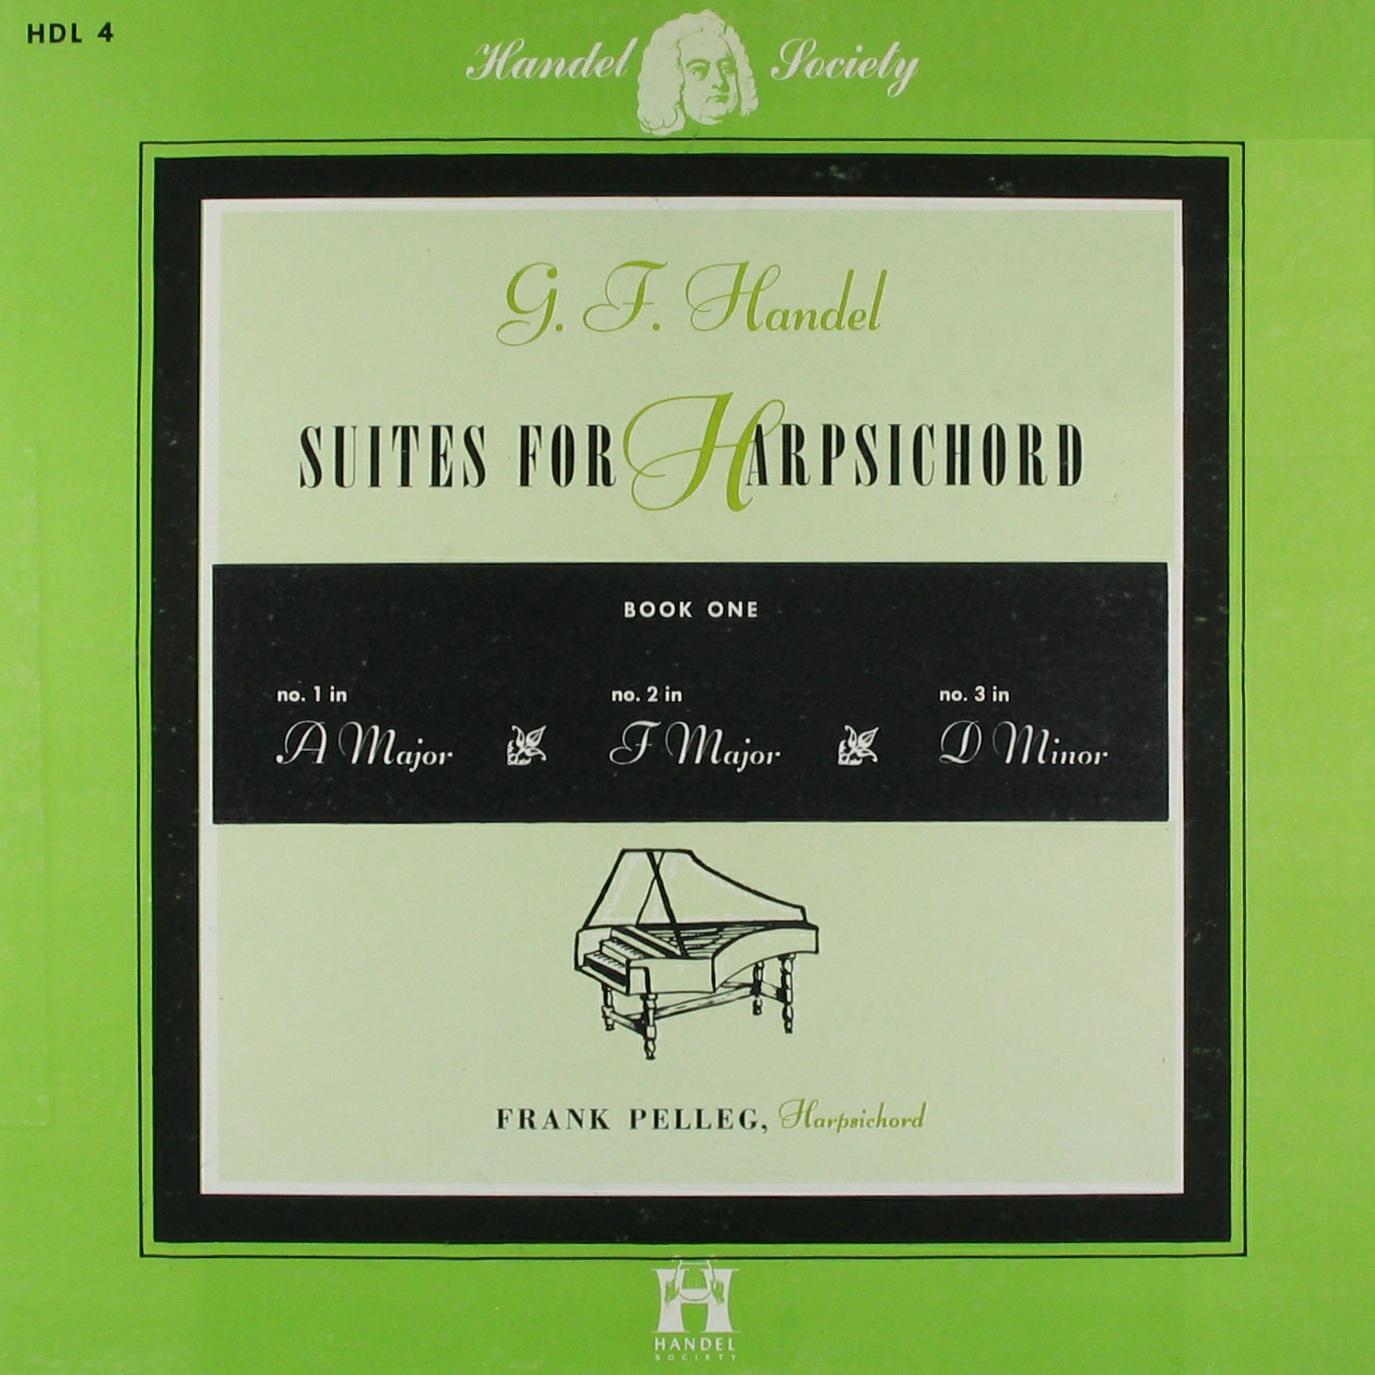 Recto de la pochette du disque Handel Society HDL 4, Cliquer sur la photo pour une vue agrandie